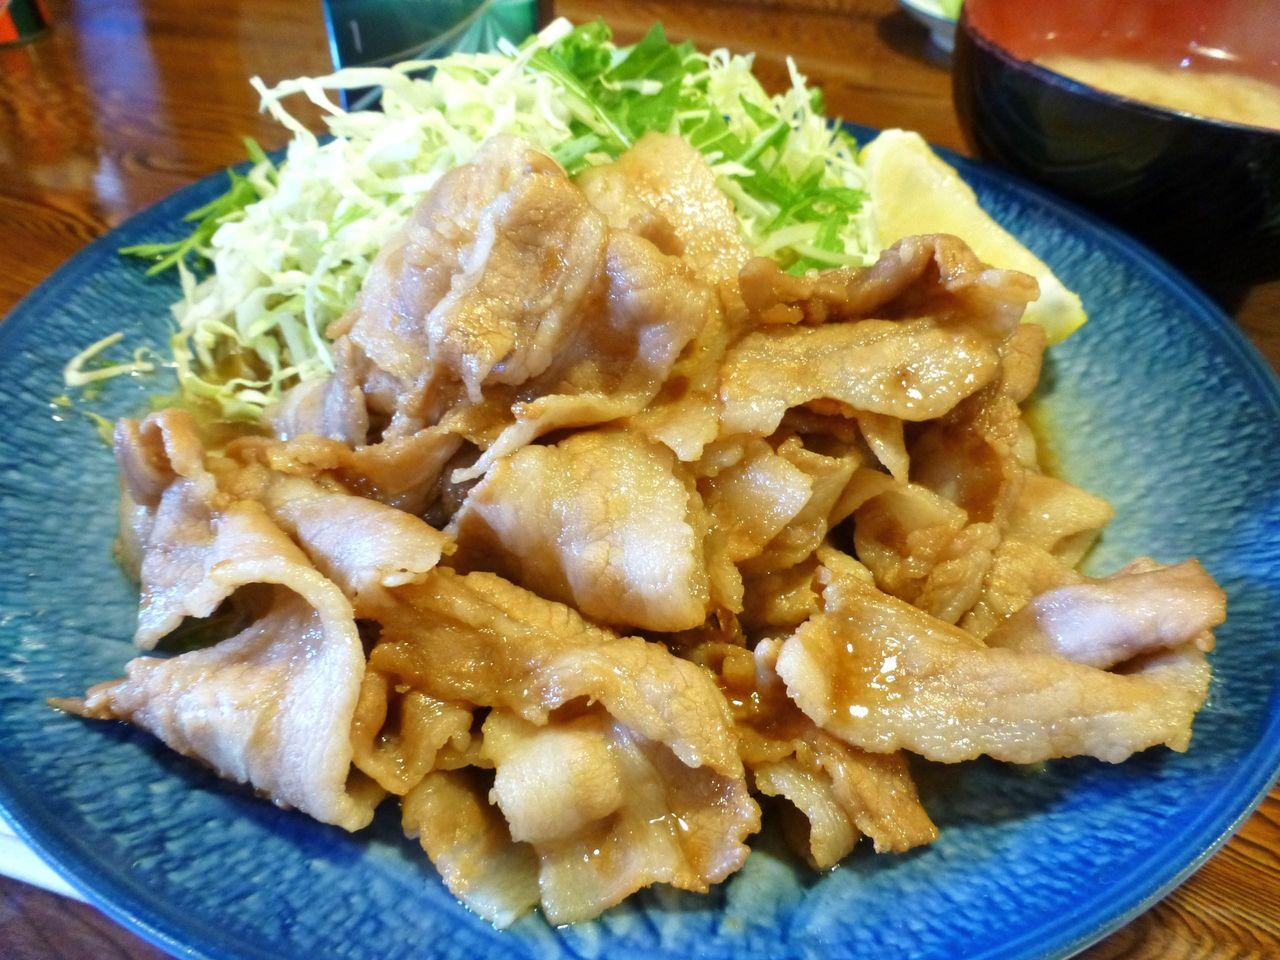 豚バラ肉を使用した生姜焼きと山盛りキャベツ!